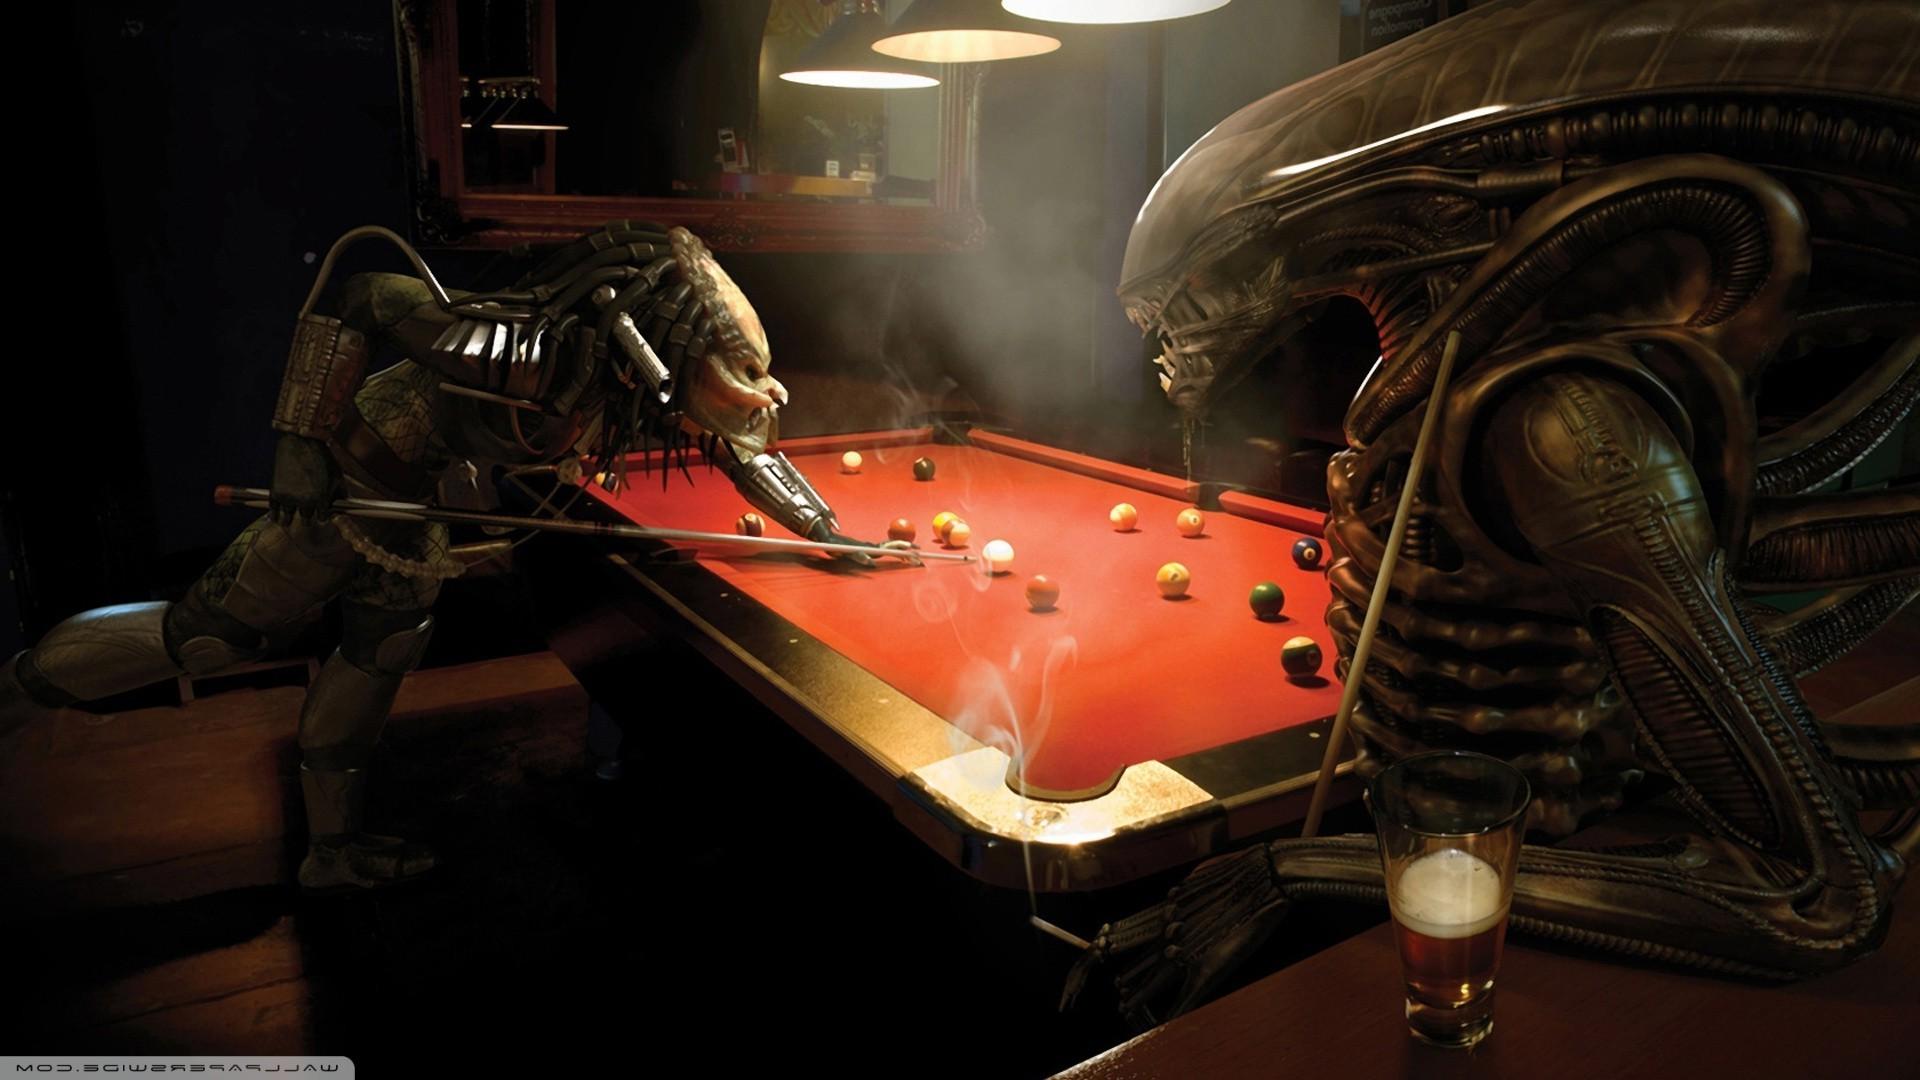 3d Wallpaper Pool Table Fond D 233 Cran Anime 3d Bar Extraterrestres Table De